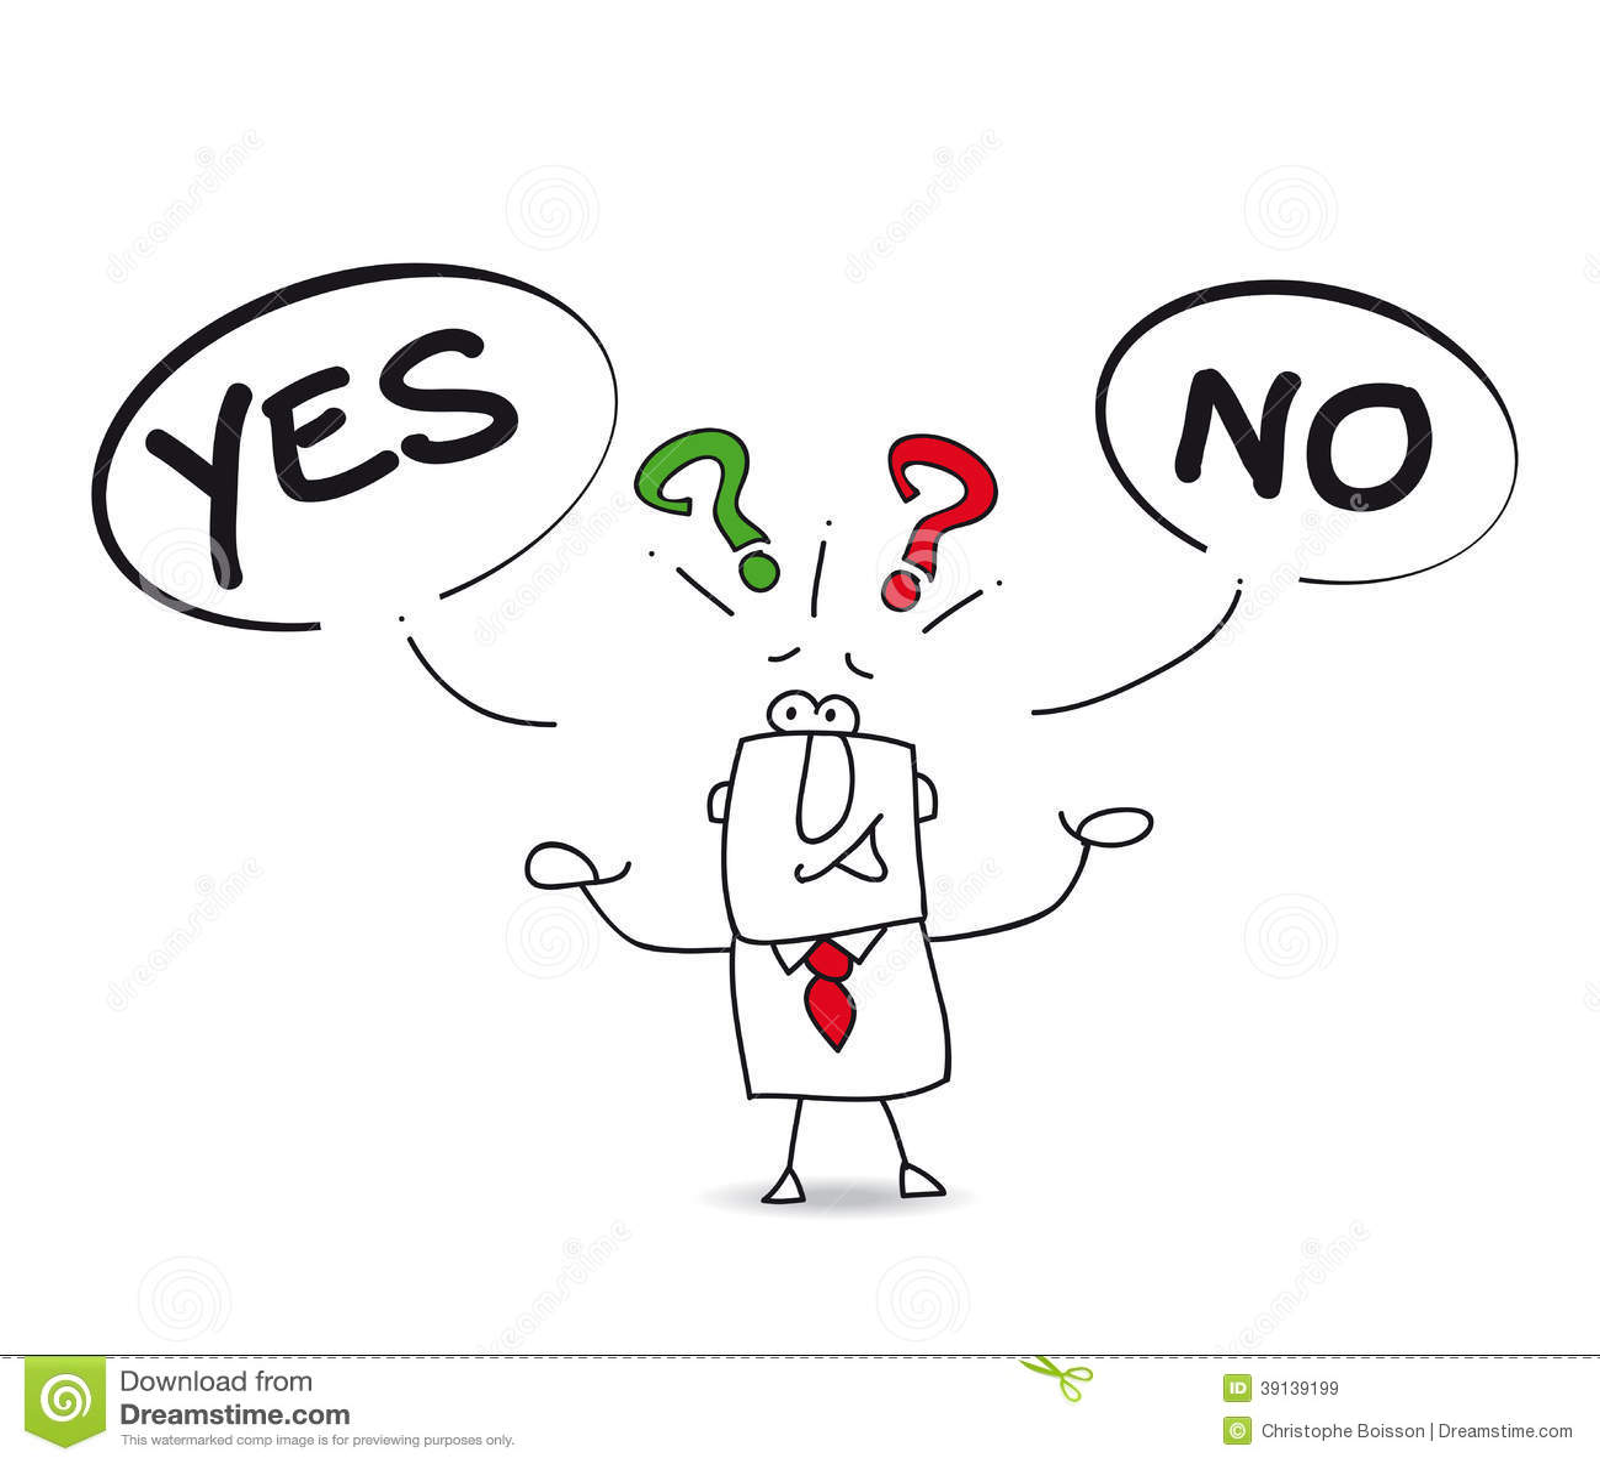 Yes Or No Cartoon Vector